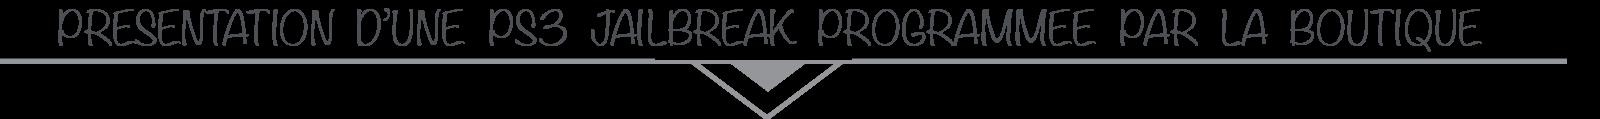 Présentation PS3 Jailbreak CEX DEX